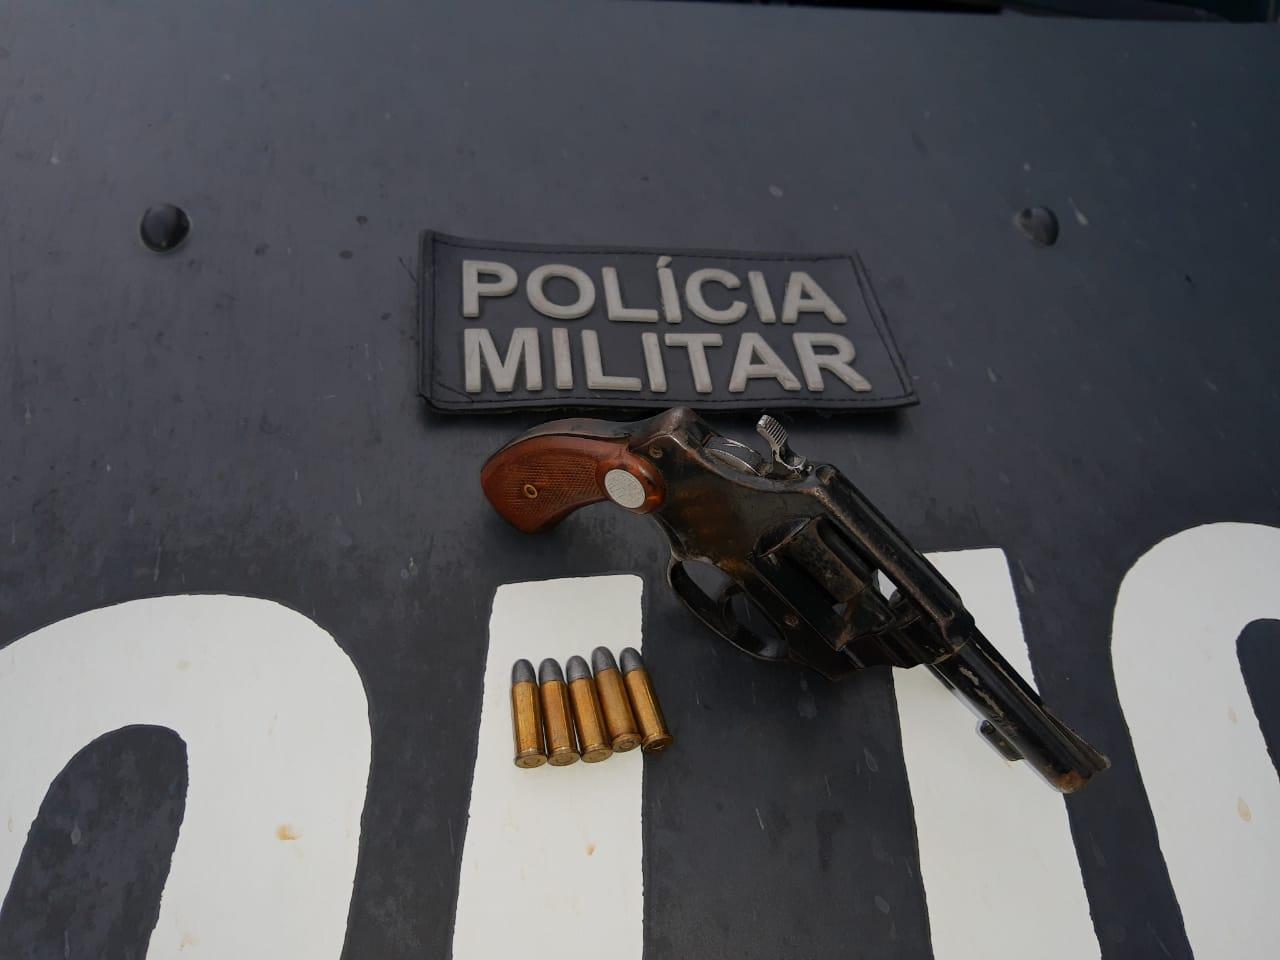 Homem é preso após surtar em virtude do coronavírus e ameaçar as pessoas com arma, em Mauriti Foto Redes sociais